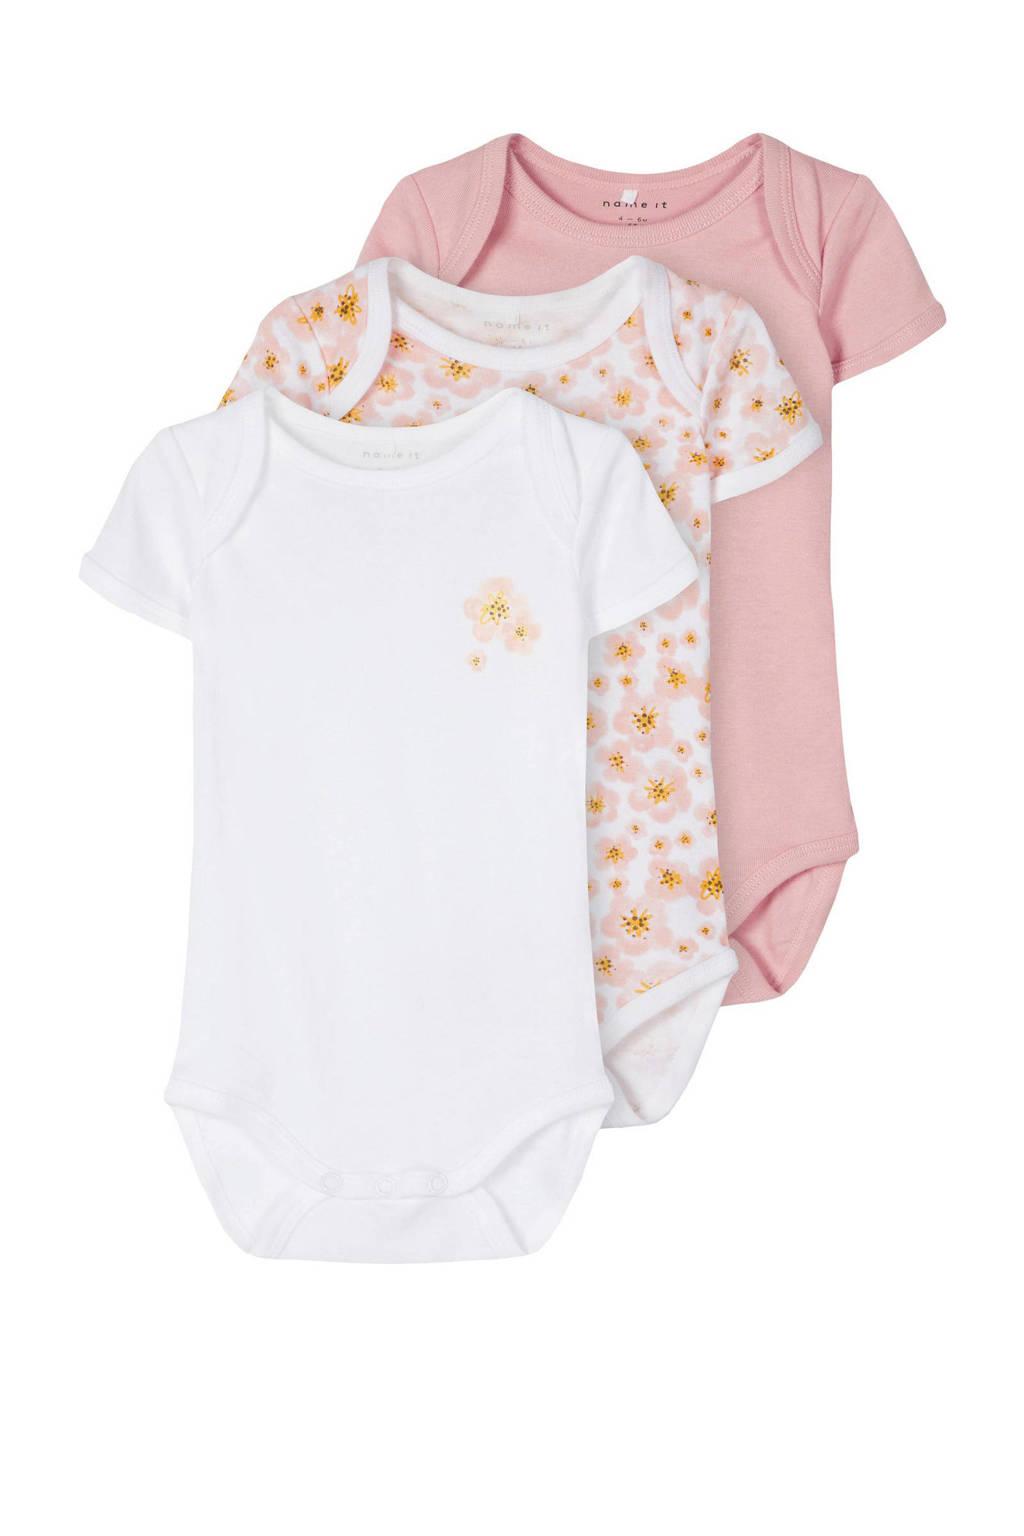 NAME IT BABY newborn baby romper - set van 3 bloemen roze/wit, Roze/wit